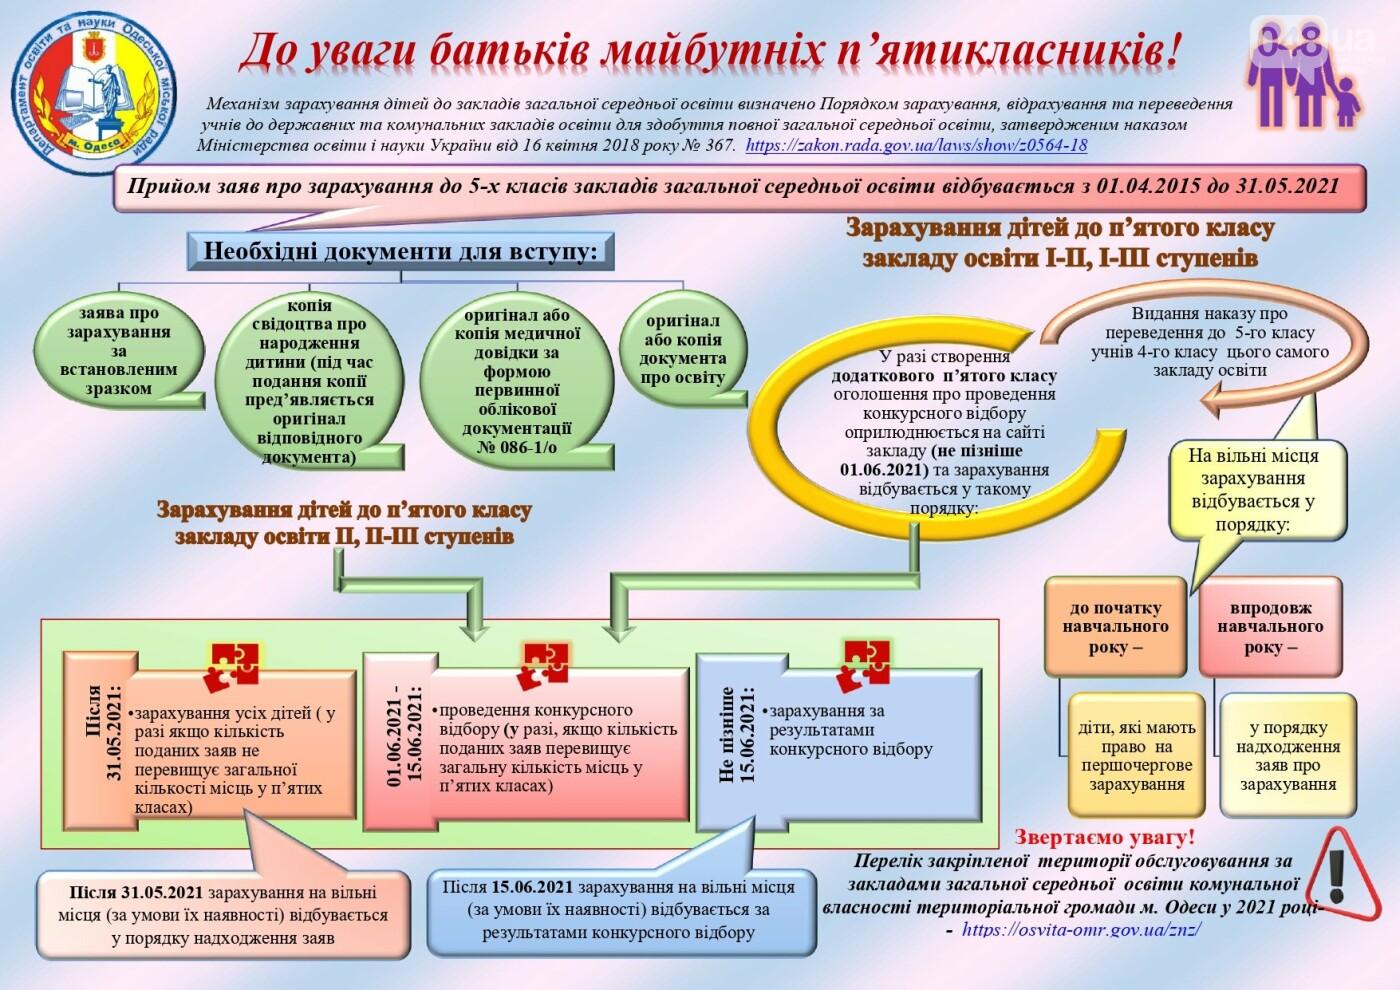 С апреля в Одессе стартует компания по зачислению детей в школы, фото-2